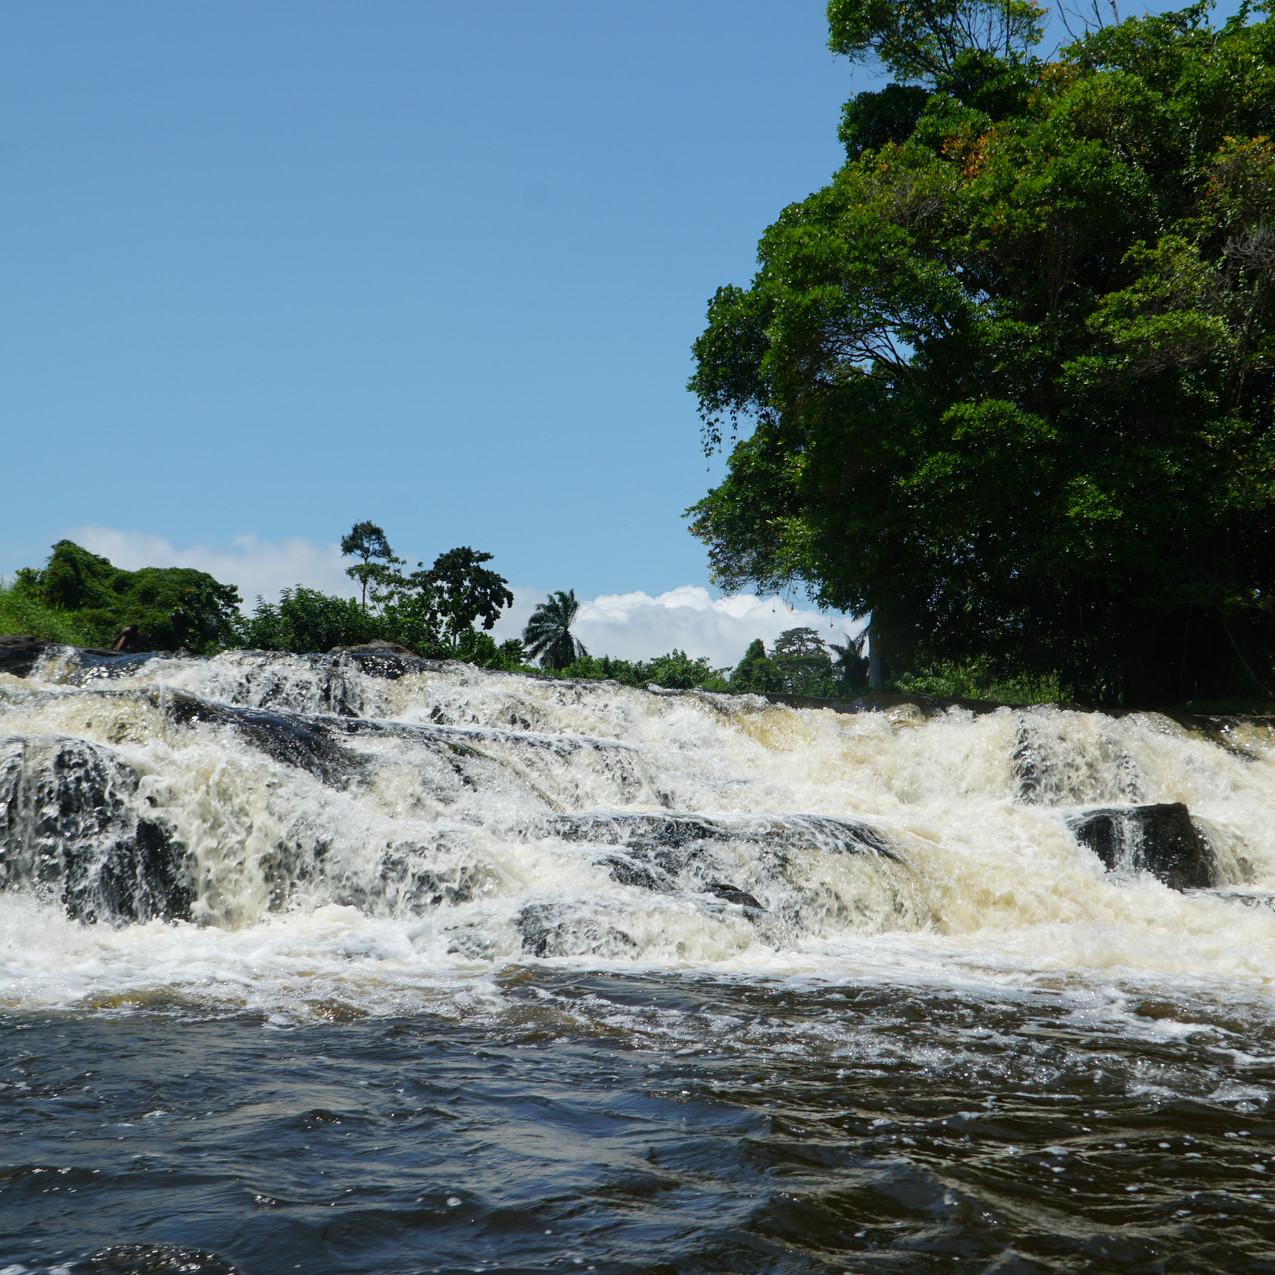 Lobe Falls